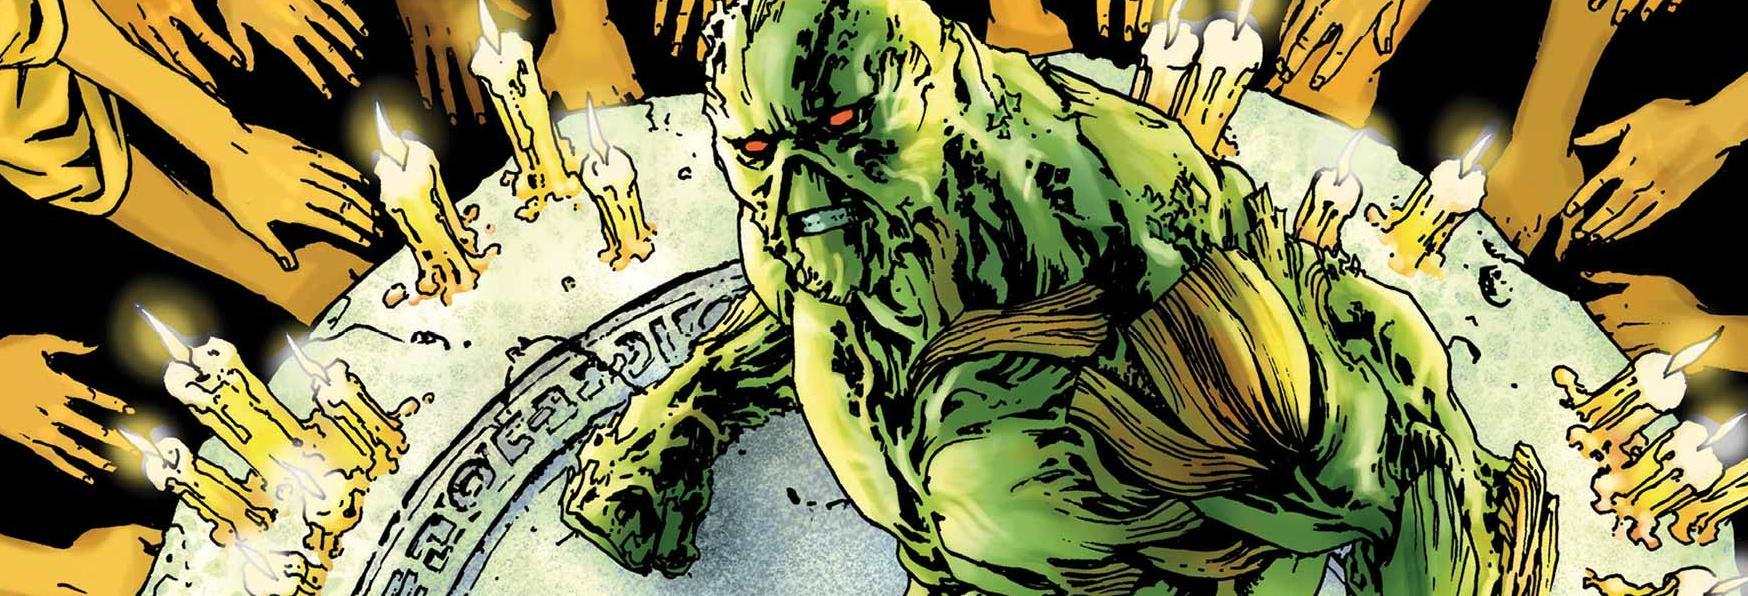 Swamp Things: interrotta dopo solo 10 Episodi. Il futuro DC è incerto.